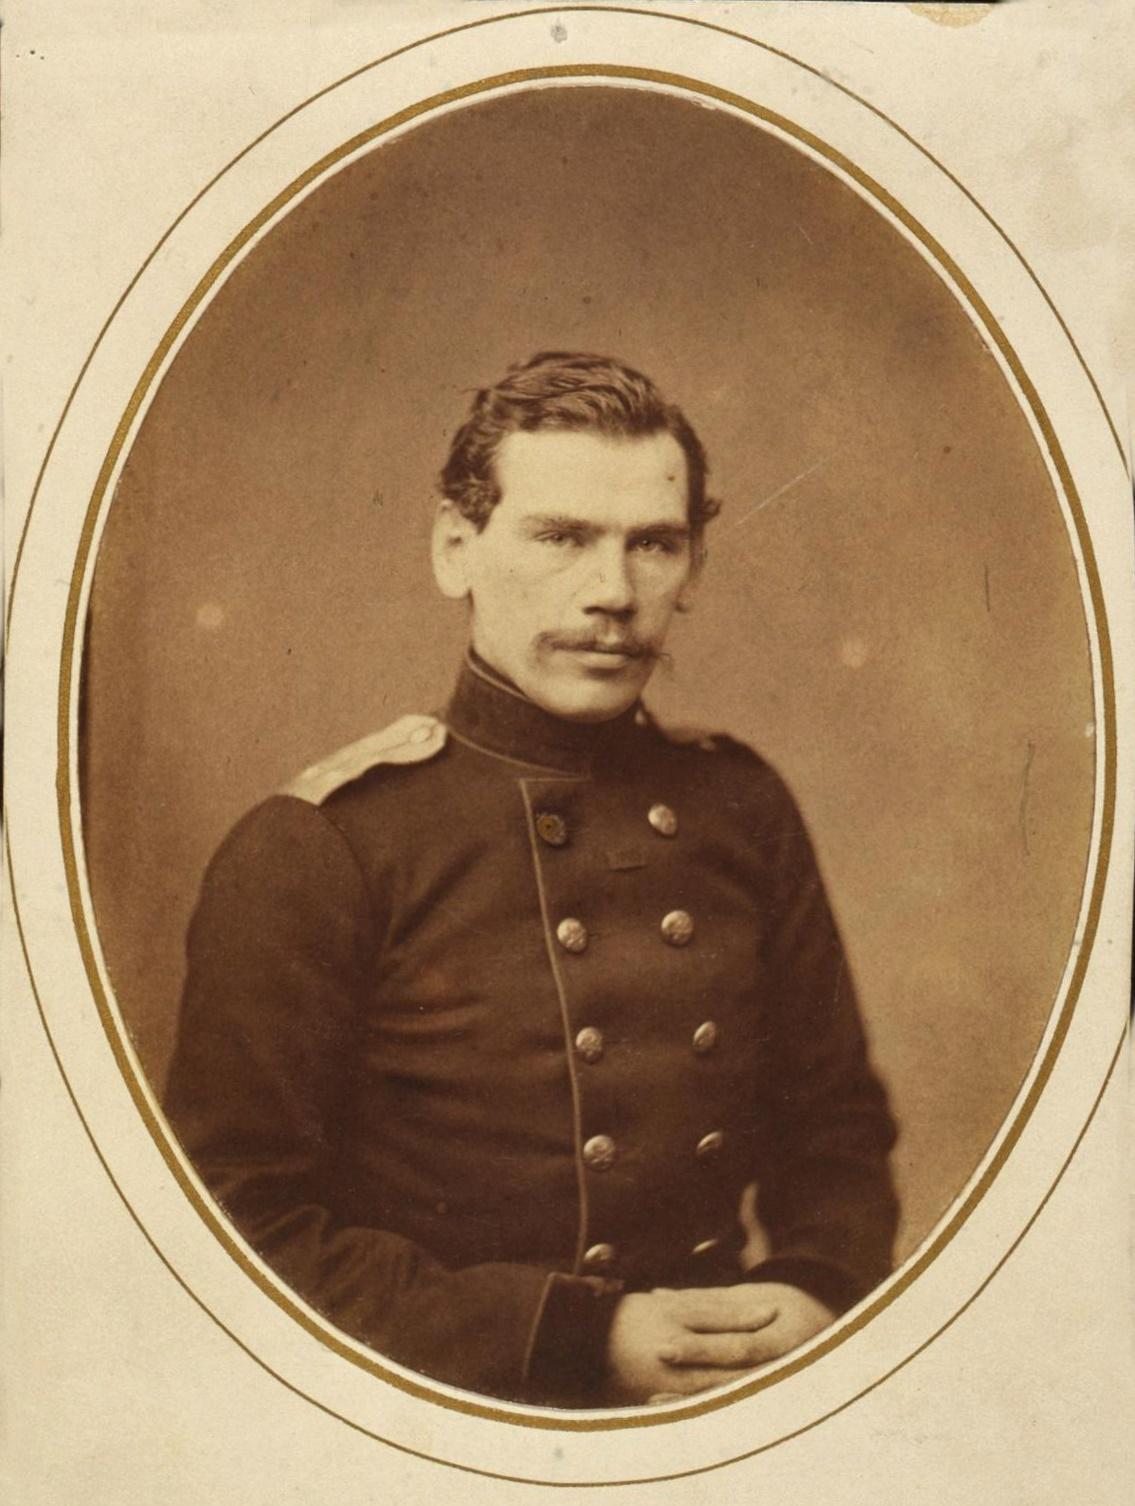 В день фотосъёмки литераторов «Современника» Левицкий сделал в своём ателье отдельные портреты каждого писателя. На Толстом мундир участника Крымской войны